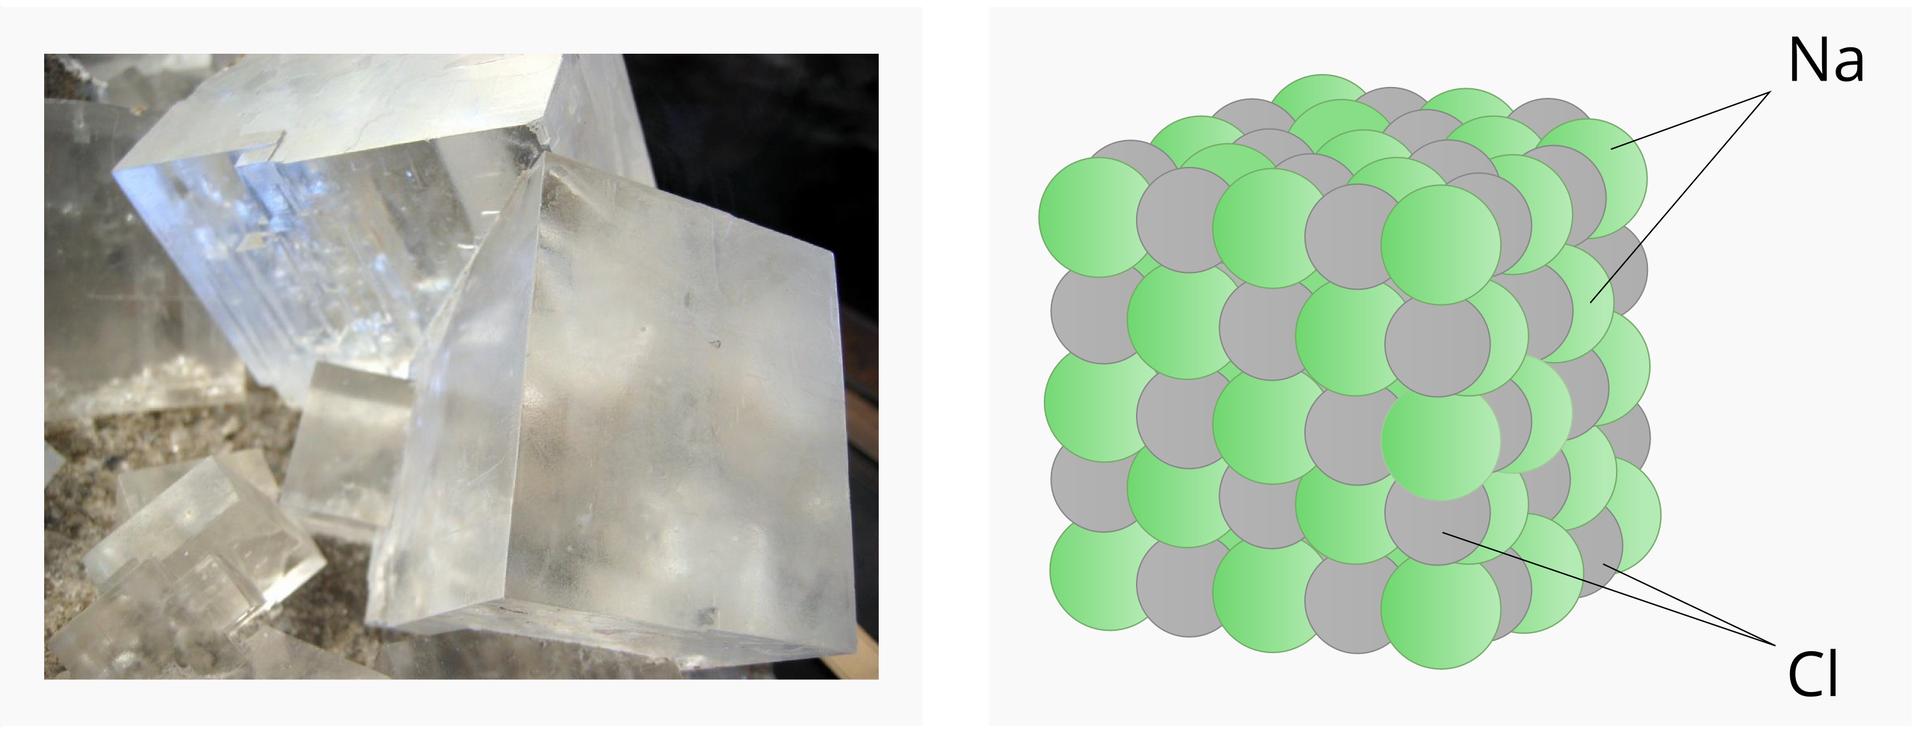 """Zdjęcie iilustracja obok siebie. Zdjęcie po lewej stronie, ilustracja po prawej. Na zdjęciu widoczne kryształy soli. Kryształy przypominają prostopadłościany. Ściany matowobiałe. Na ilustracji widnieje schemat budowy soli kuchennej. Szare izielone kule, ułożone naprzemiennie, ciasno, tworzą sześcian. Szare kule podpisano """"Cl"""", zielone kule podpisano """"Na""""."""